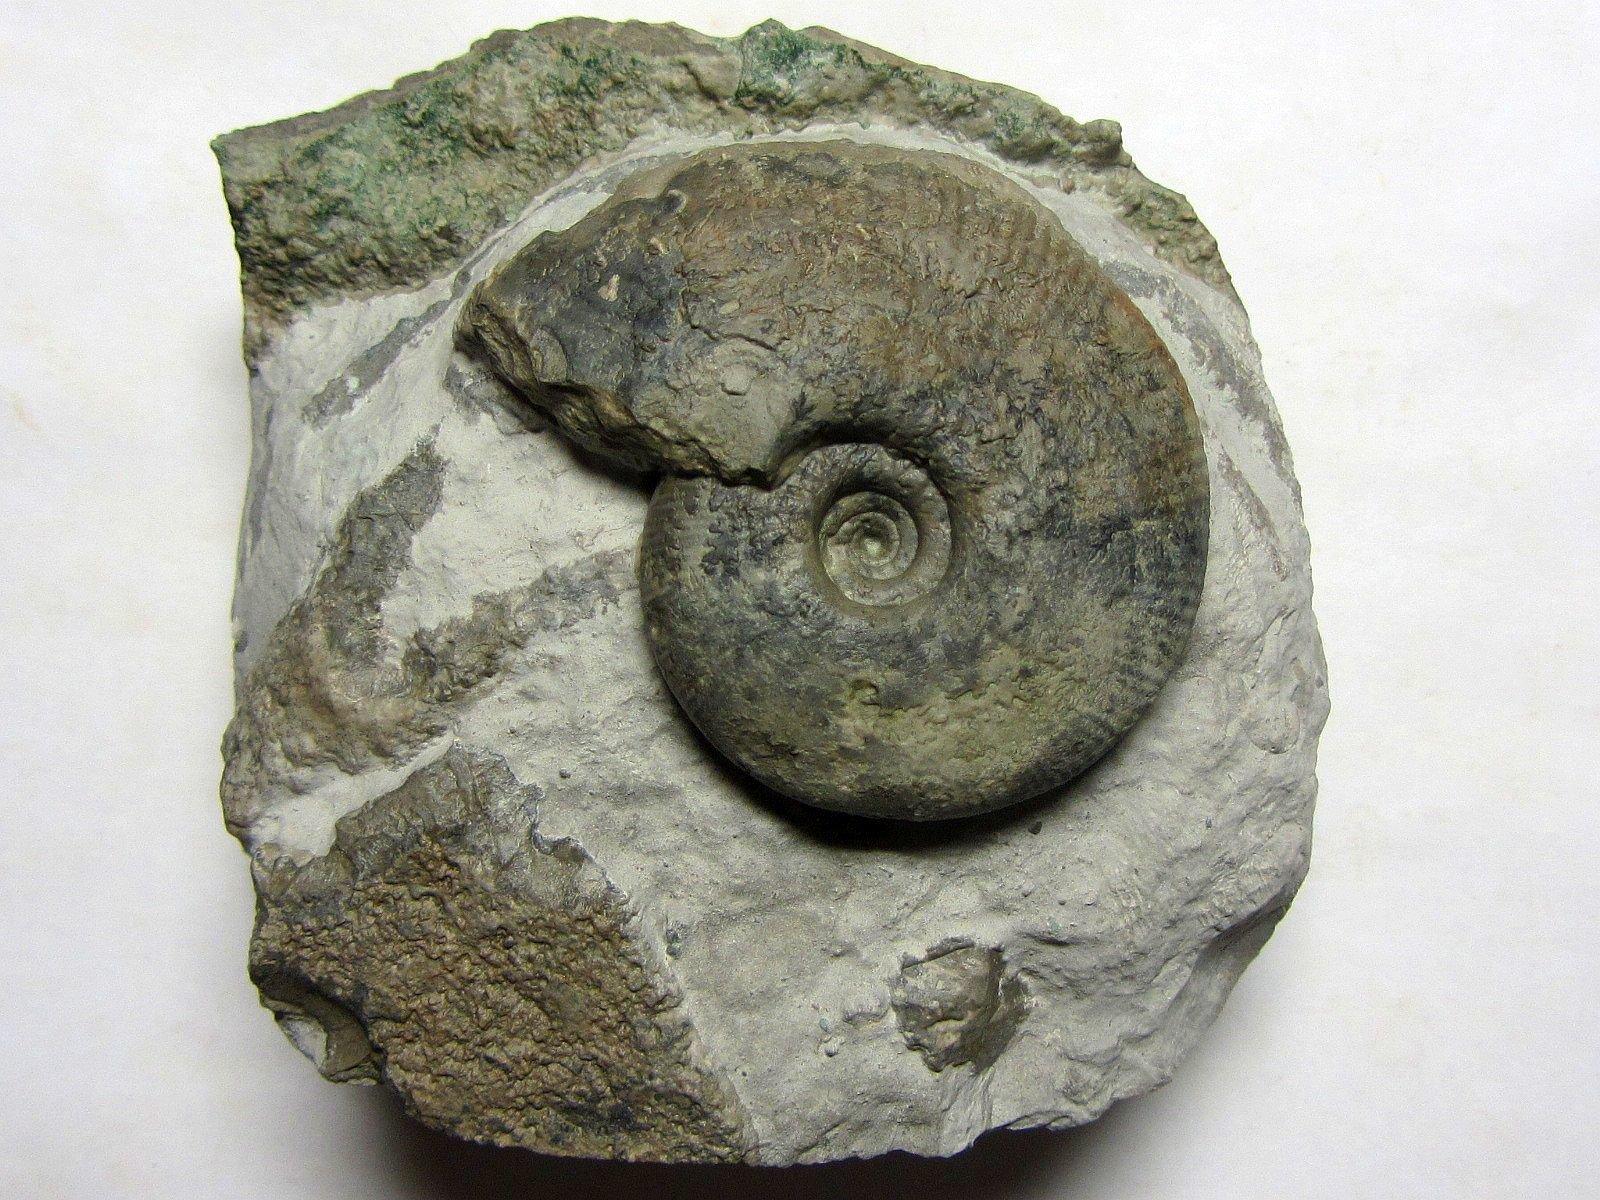 Ringsteadia (Vineta) laevigyrata (Quenstedt 1888)